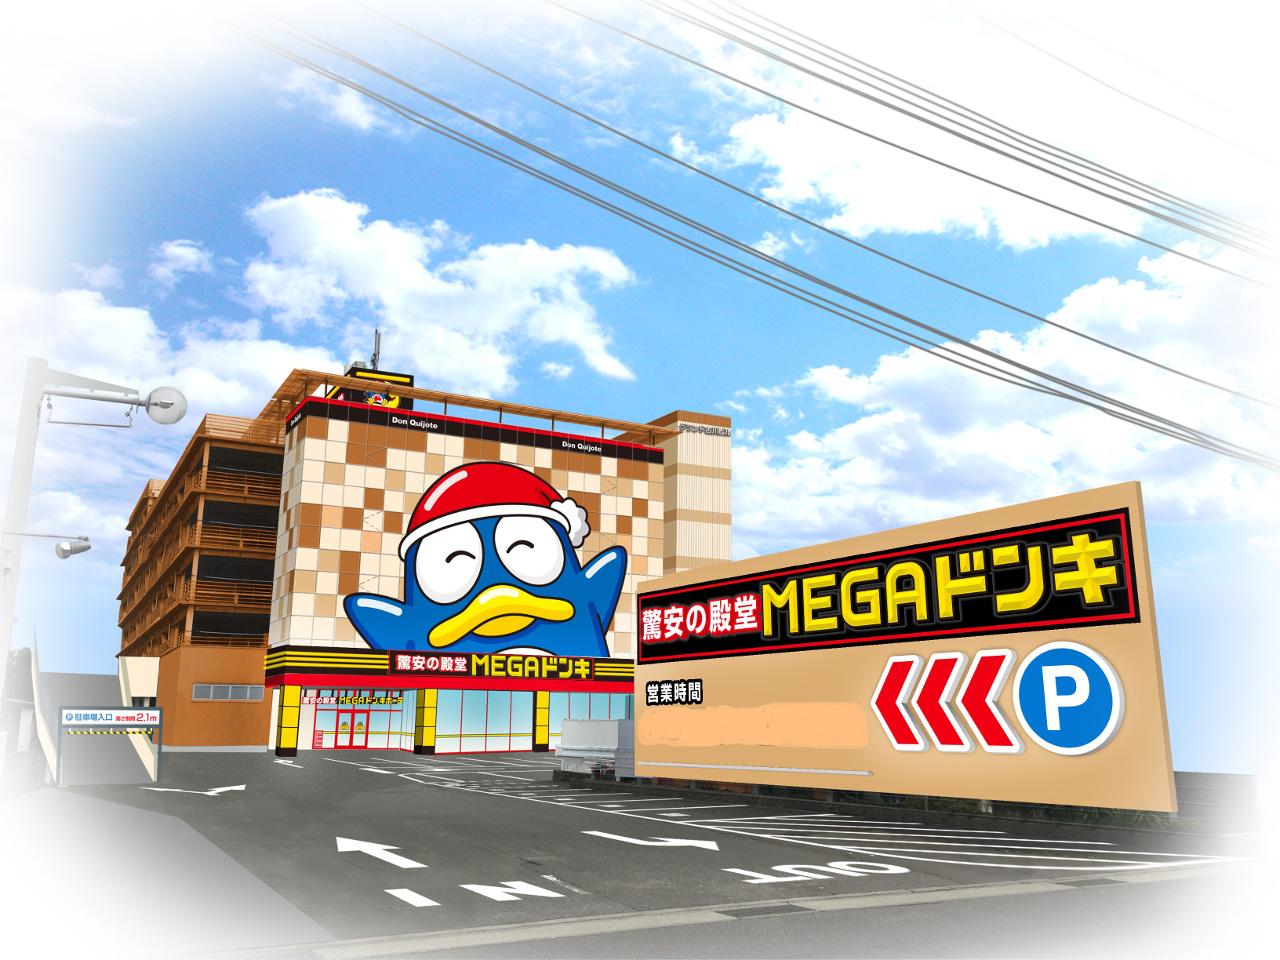 MEGAドンキホーテ徳島店_外観イメージ_1280_20190912